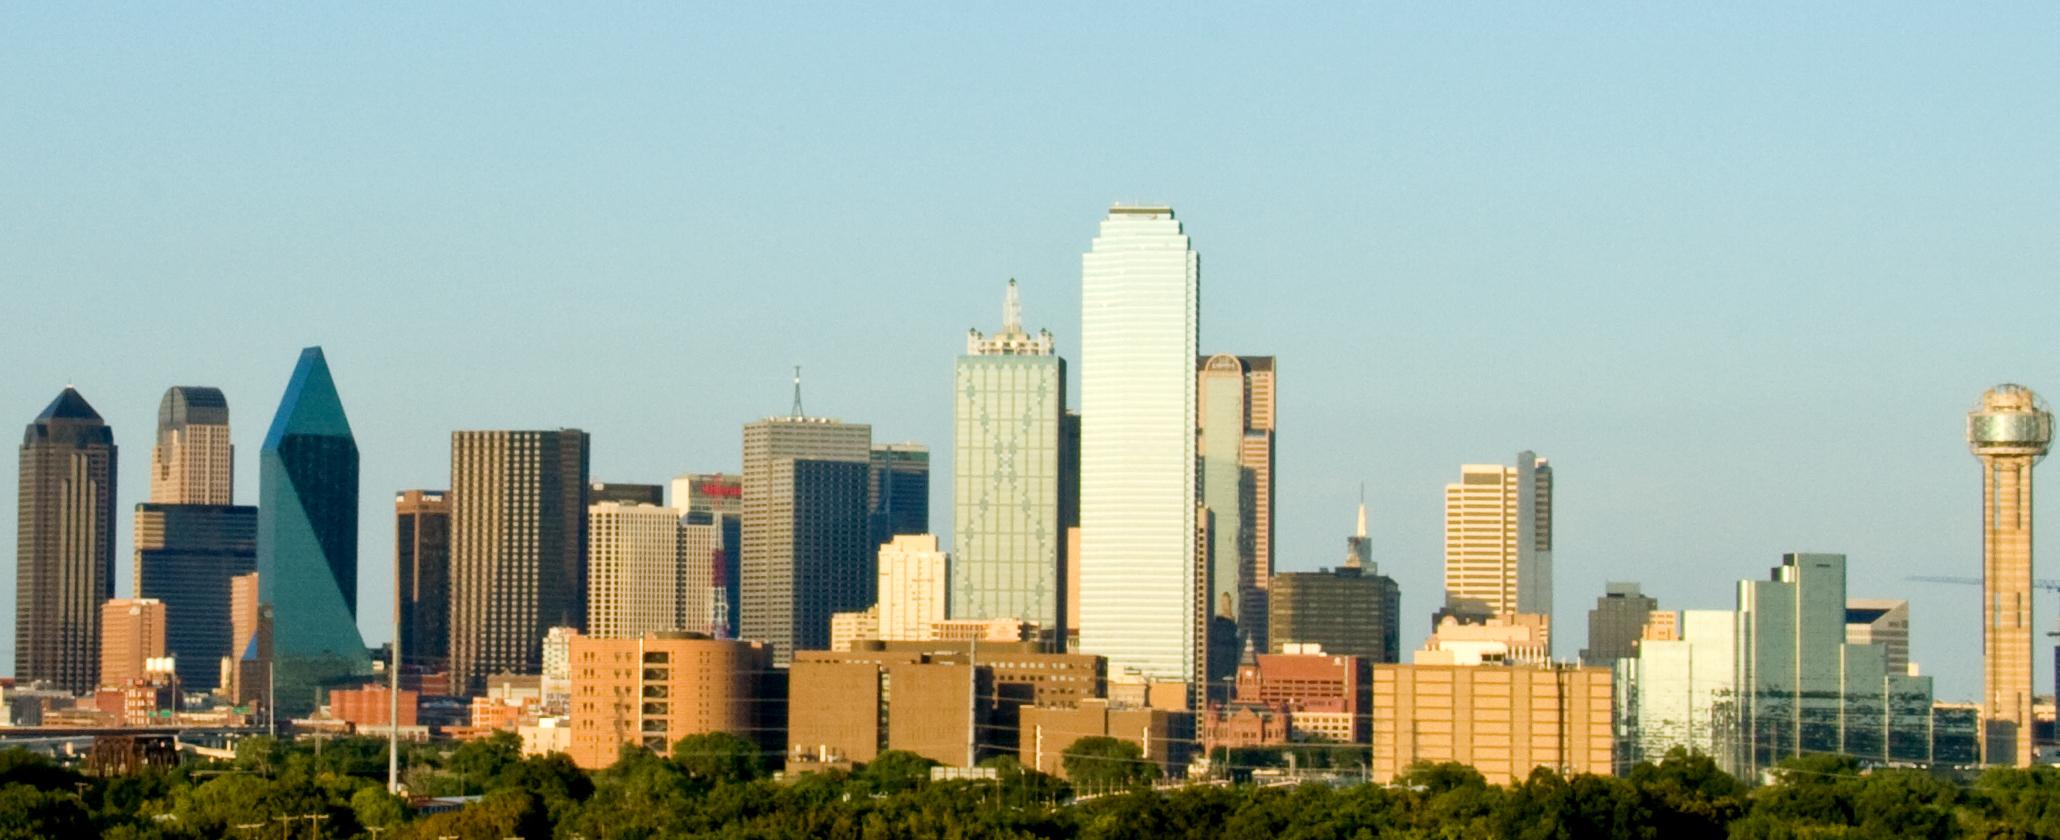 Dallas_CVB_Clay_Coleman_Edit